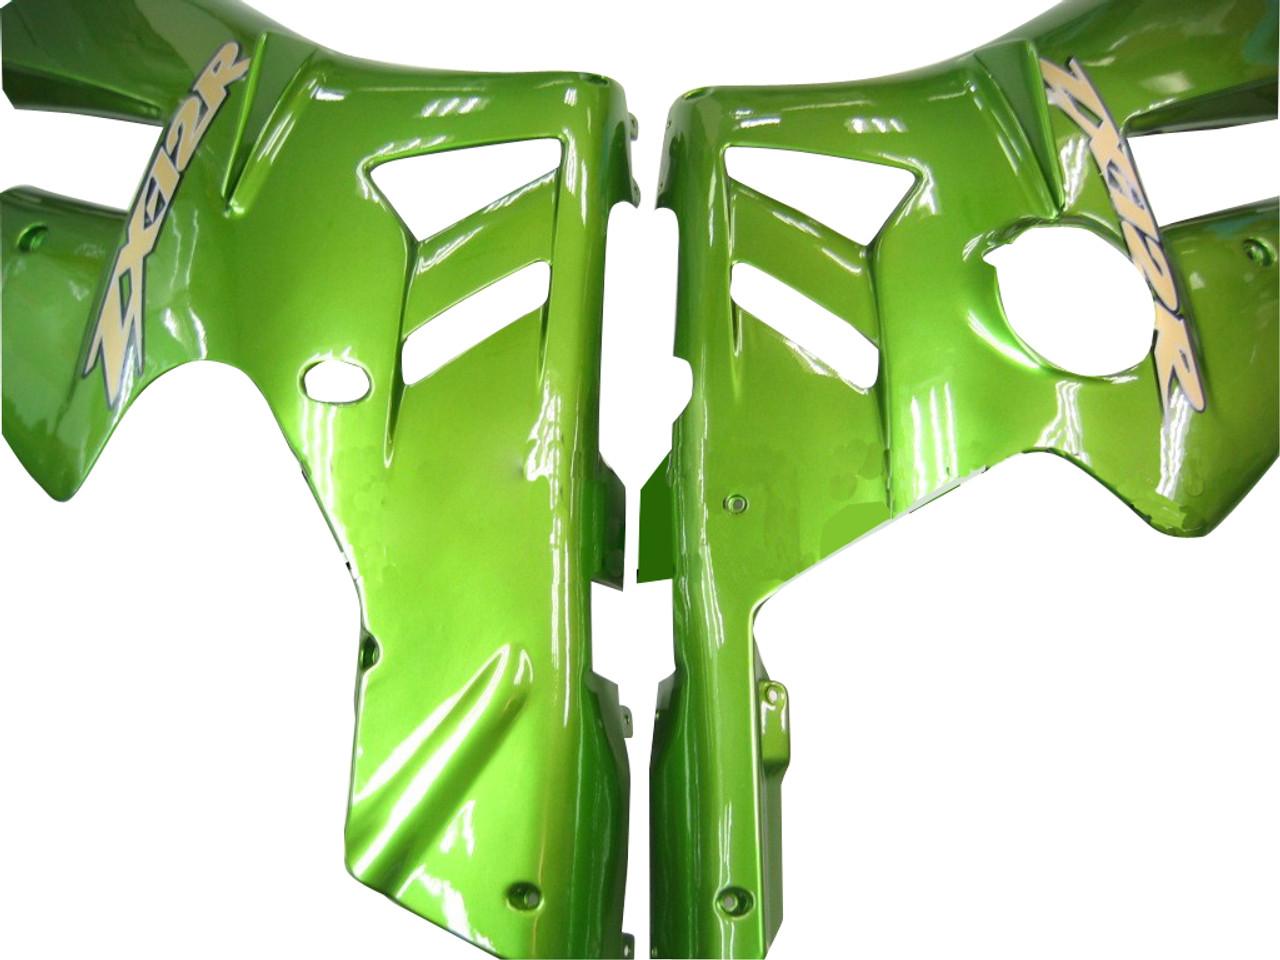 Fairings Kawasaki ZX12R Green Metallic ZX12R Racing (2002-2004)